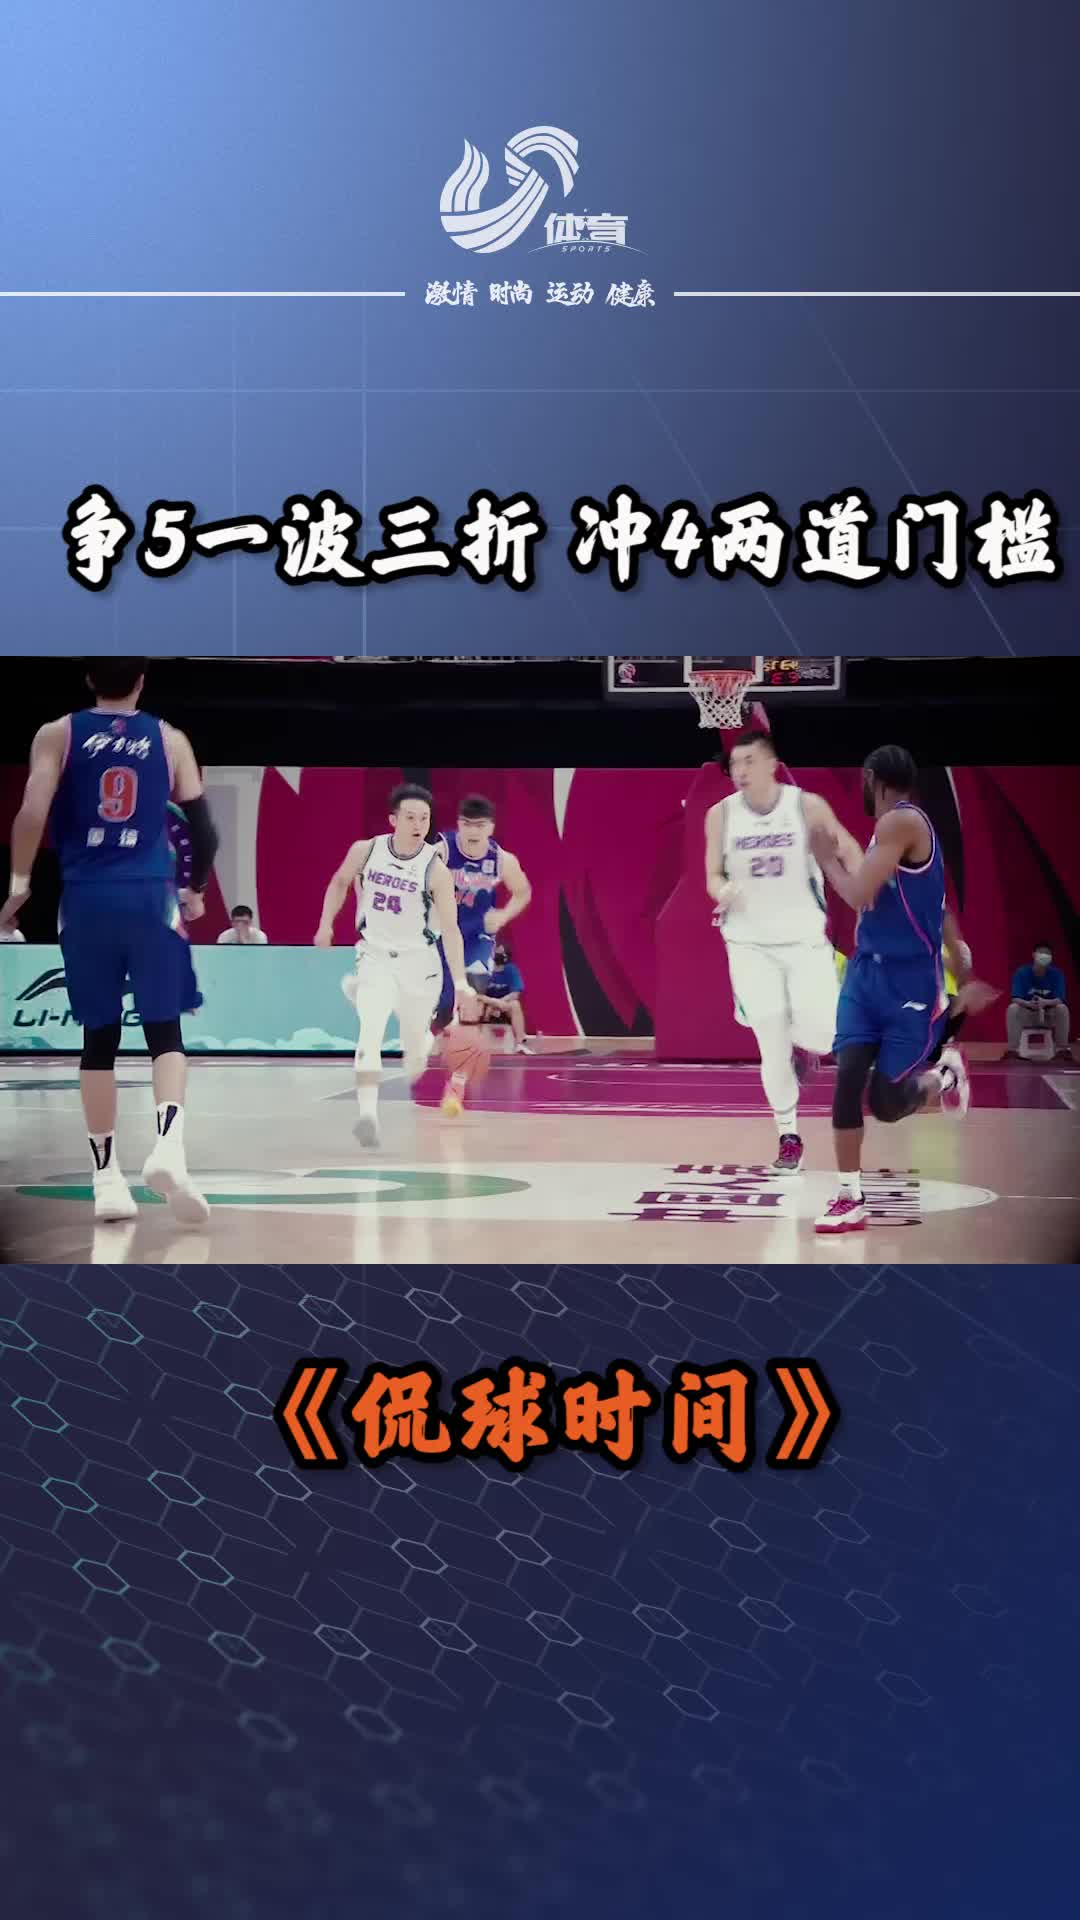 侃球時間丨今晚回顧總結山東男籃常規賽征程 展望季后賽